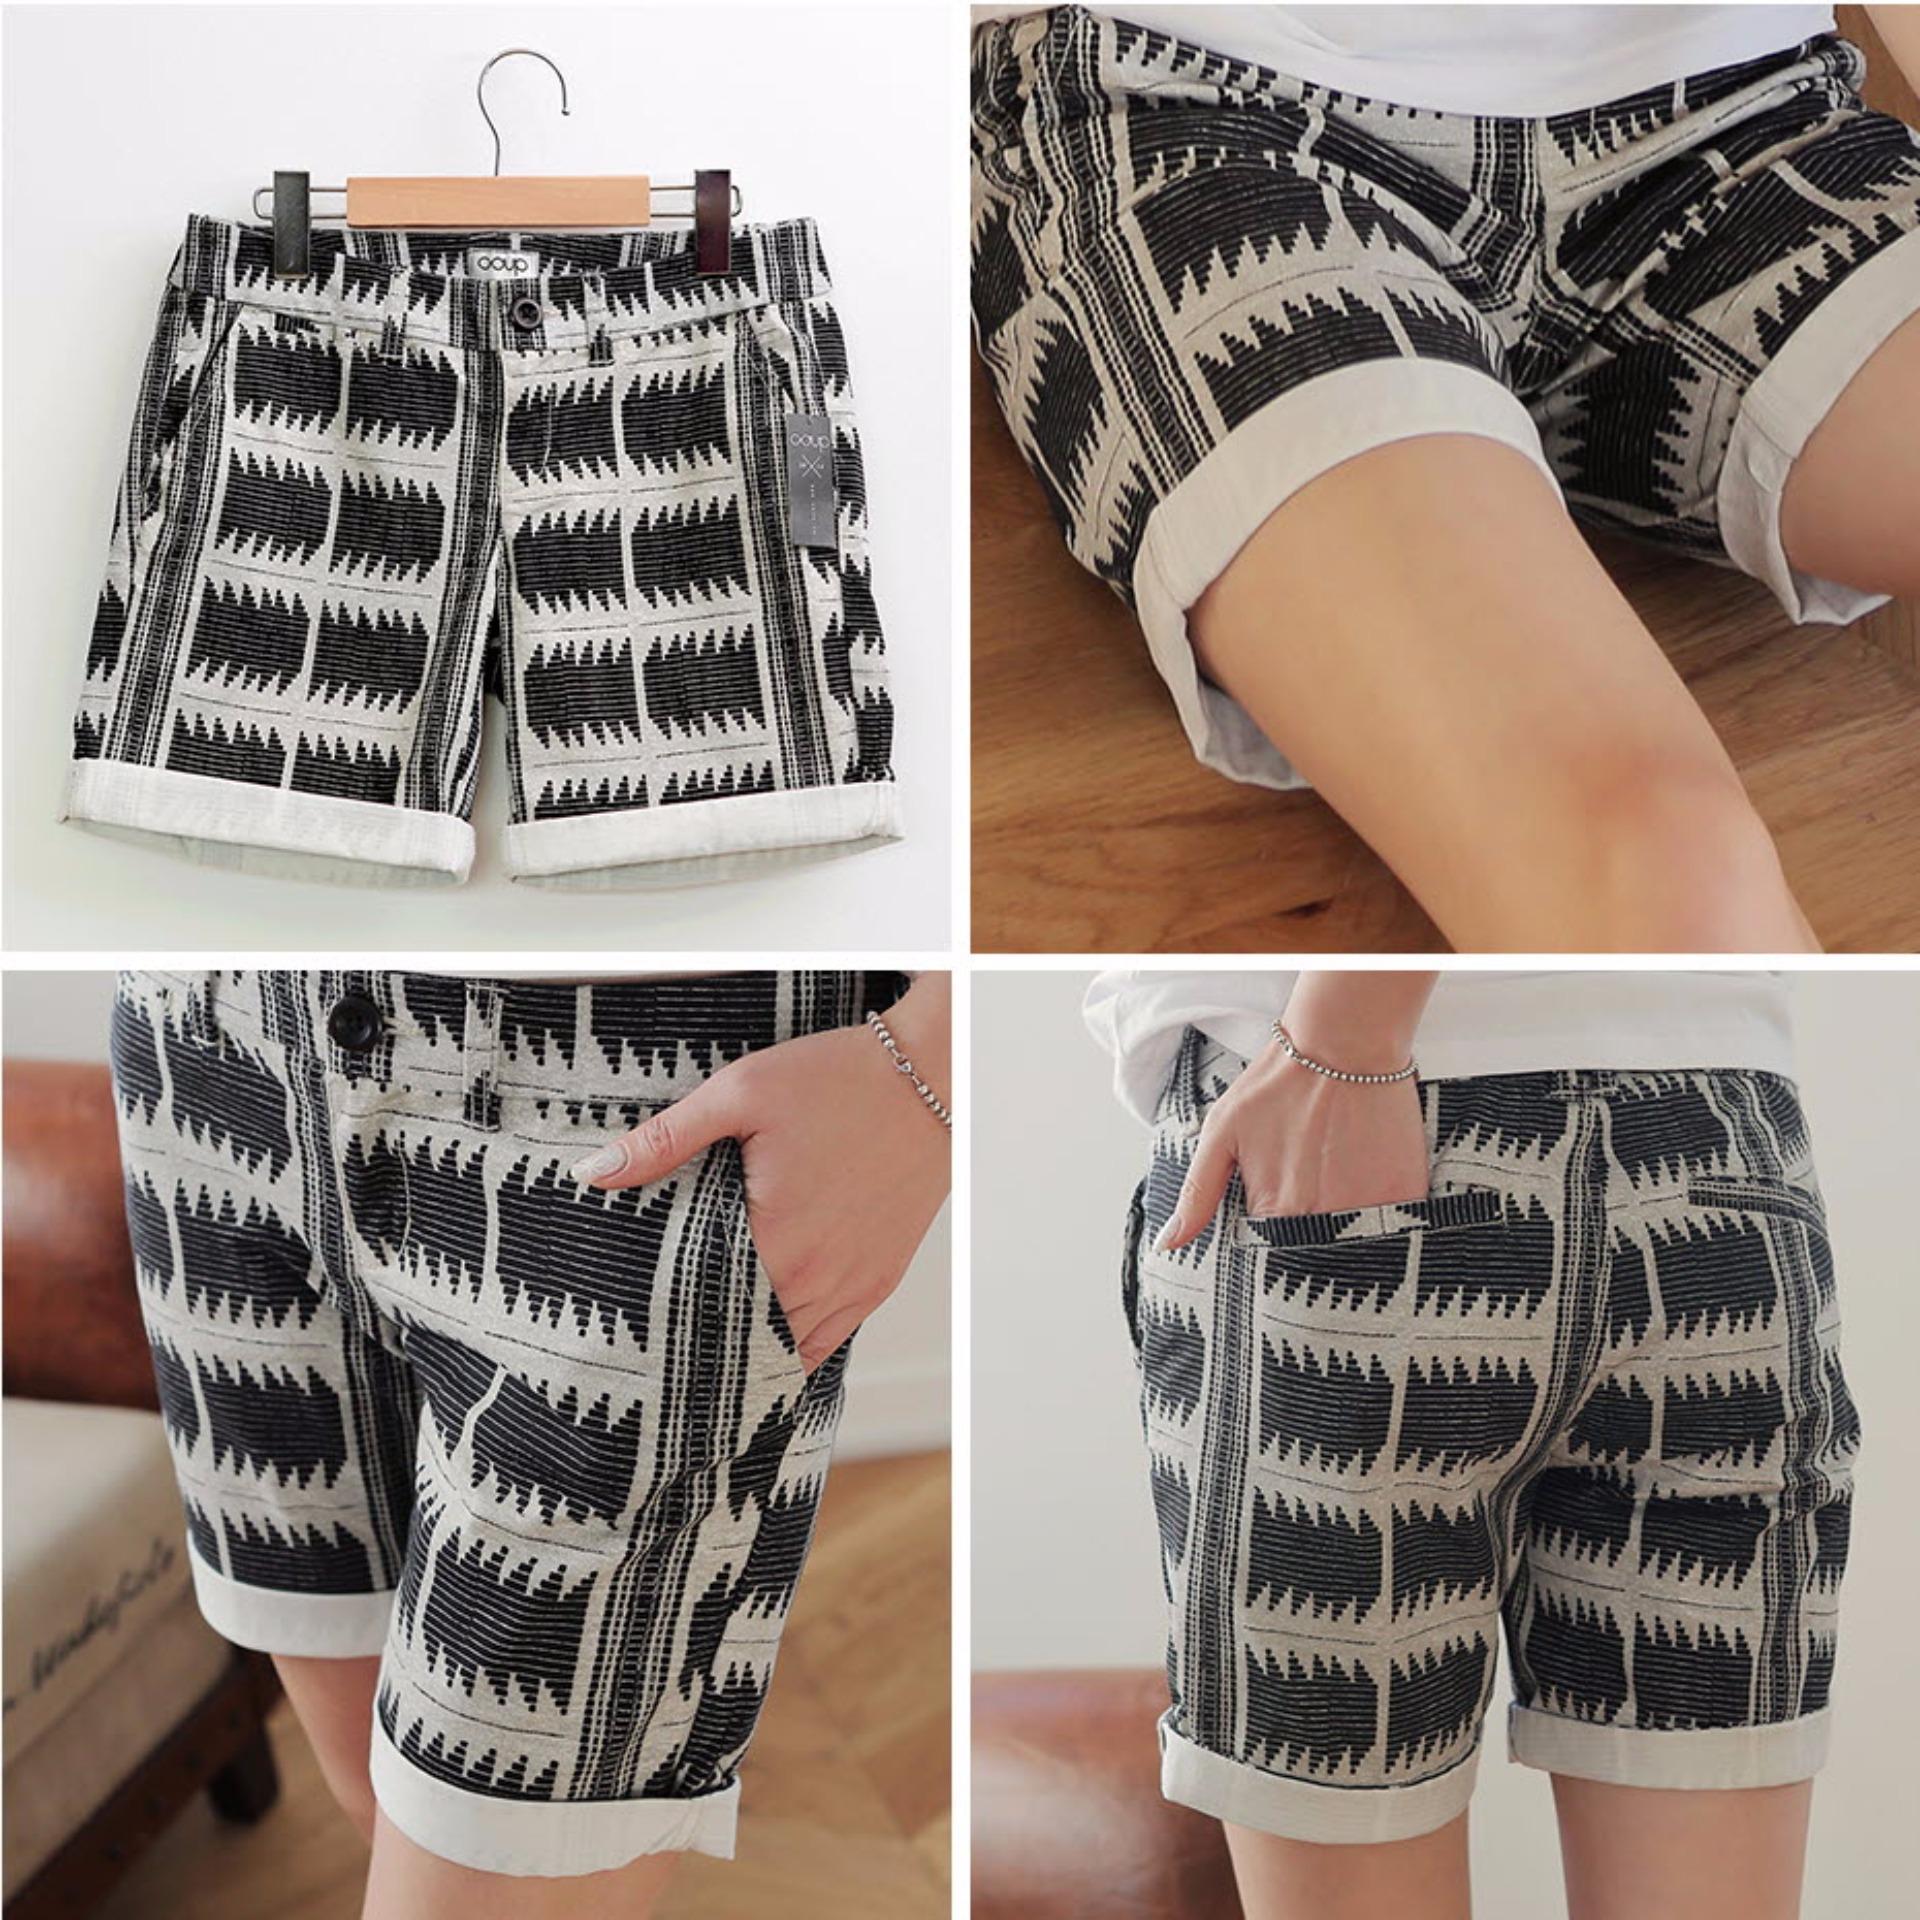 Coup Women Classic Short Celana Pendek Wanita Black Daftar Harga S4 Men Bermuda Pria Korean Brand Pants Indian Bw